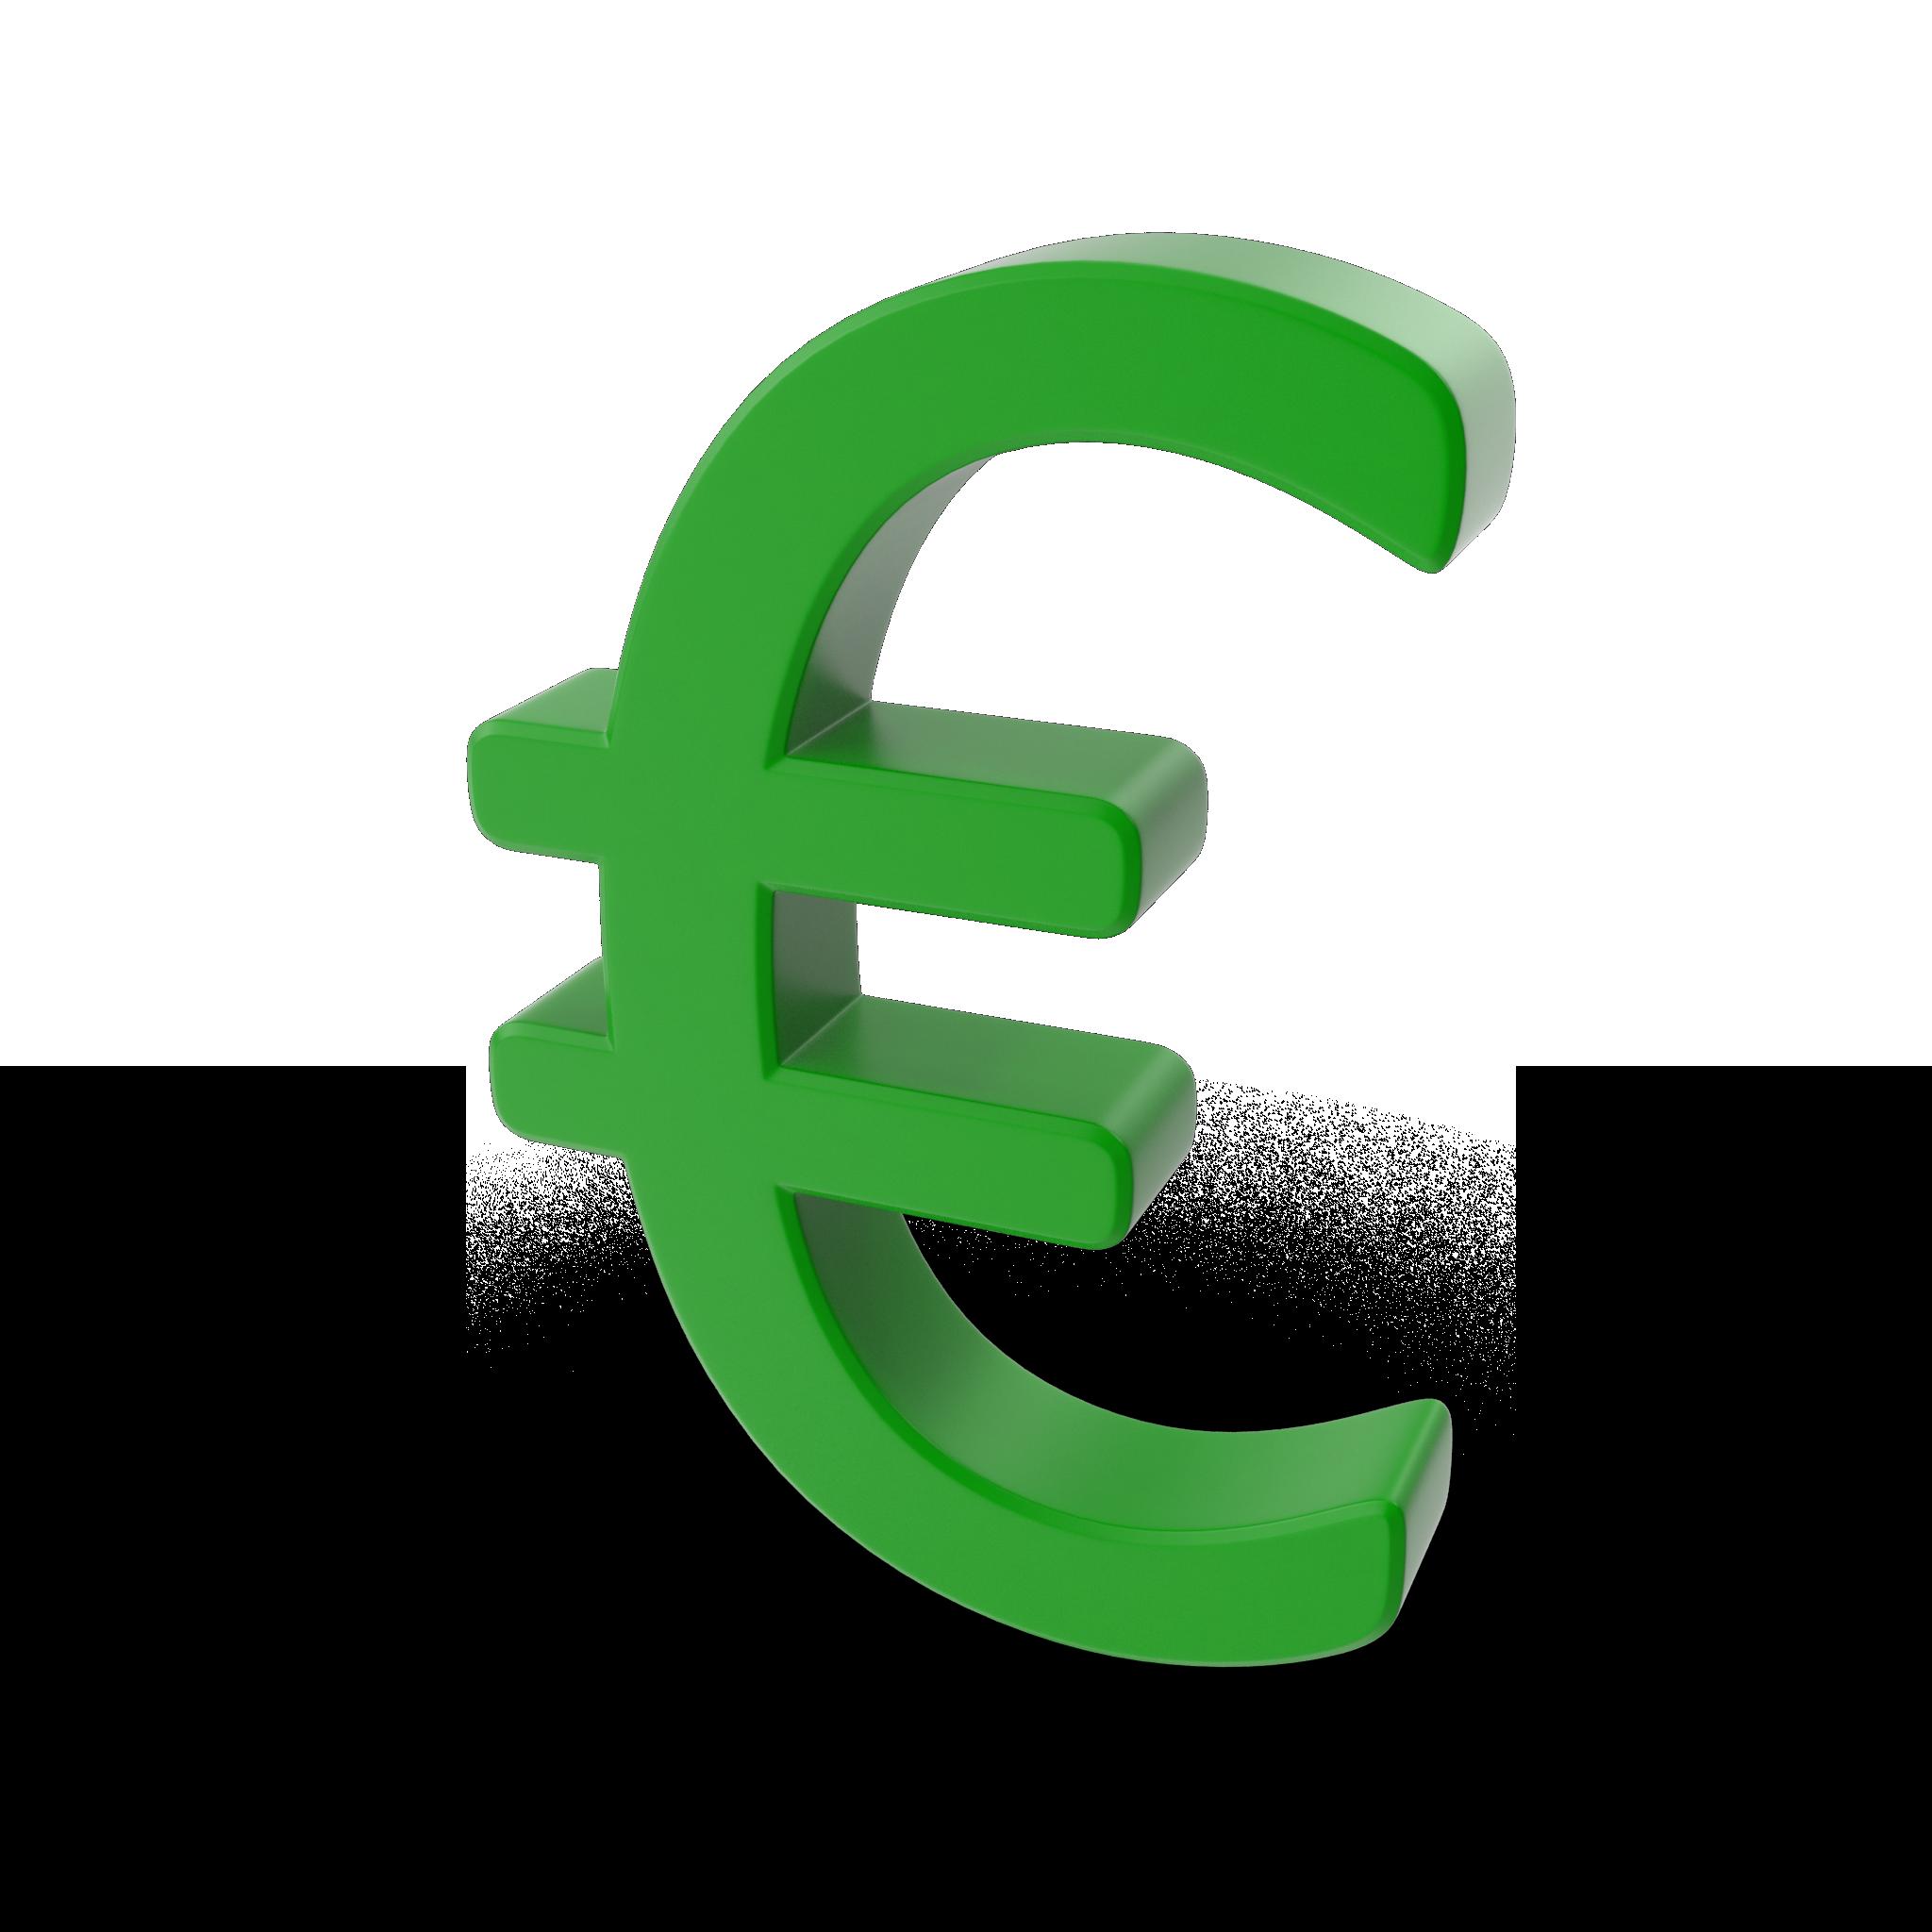 Euro Symbol.G02.2k